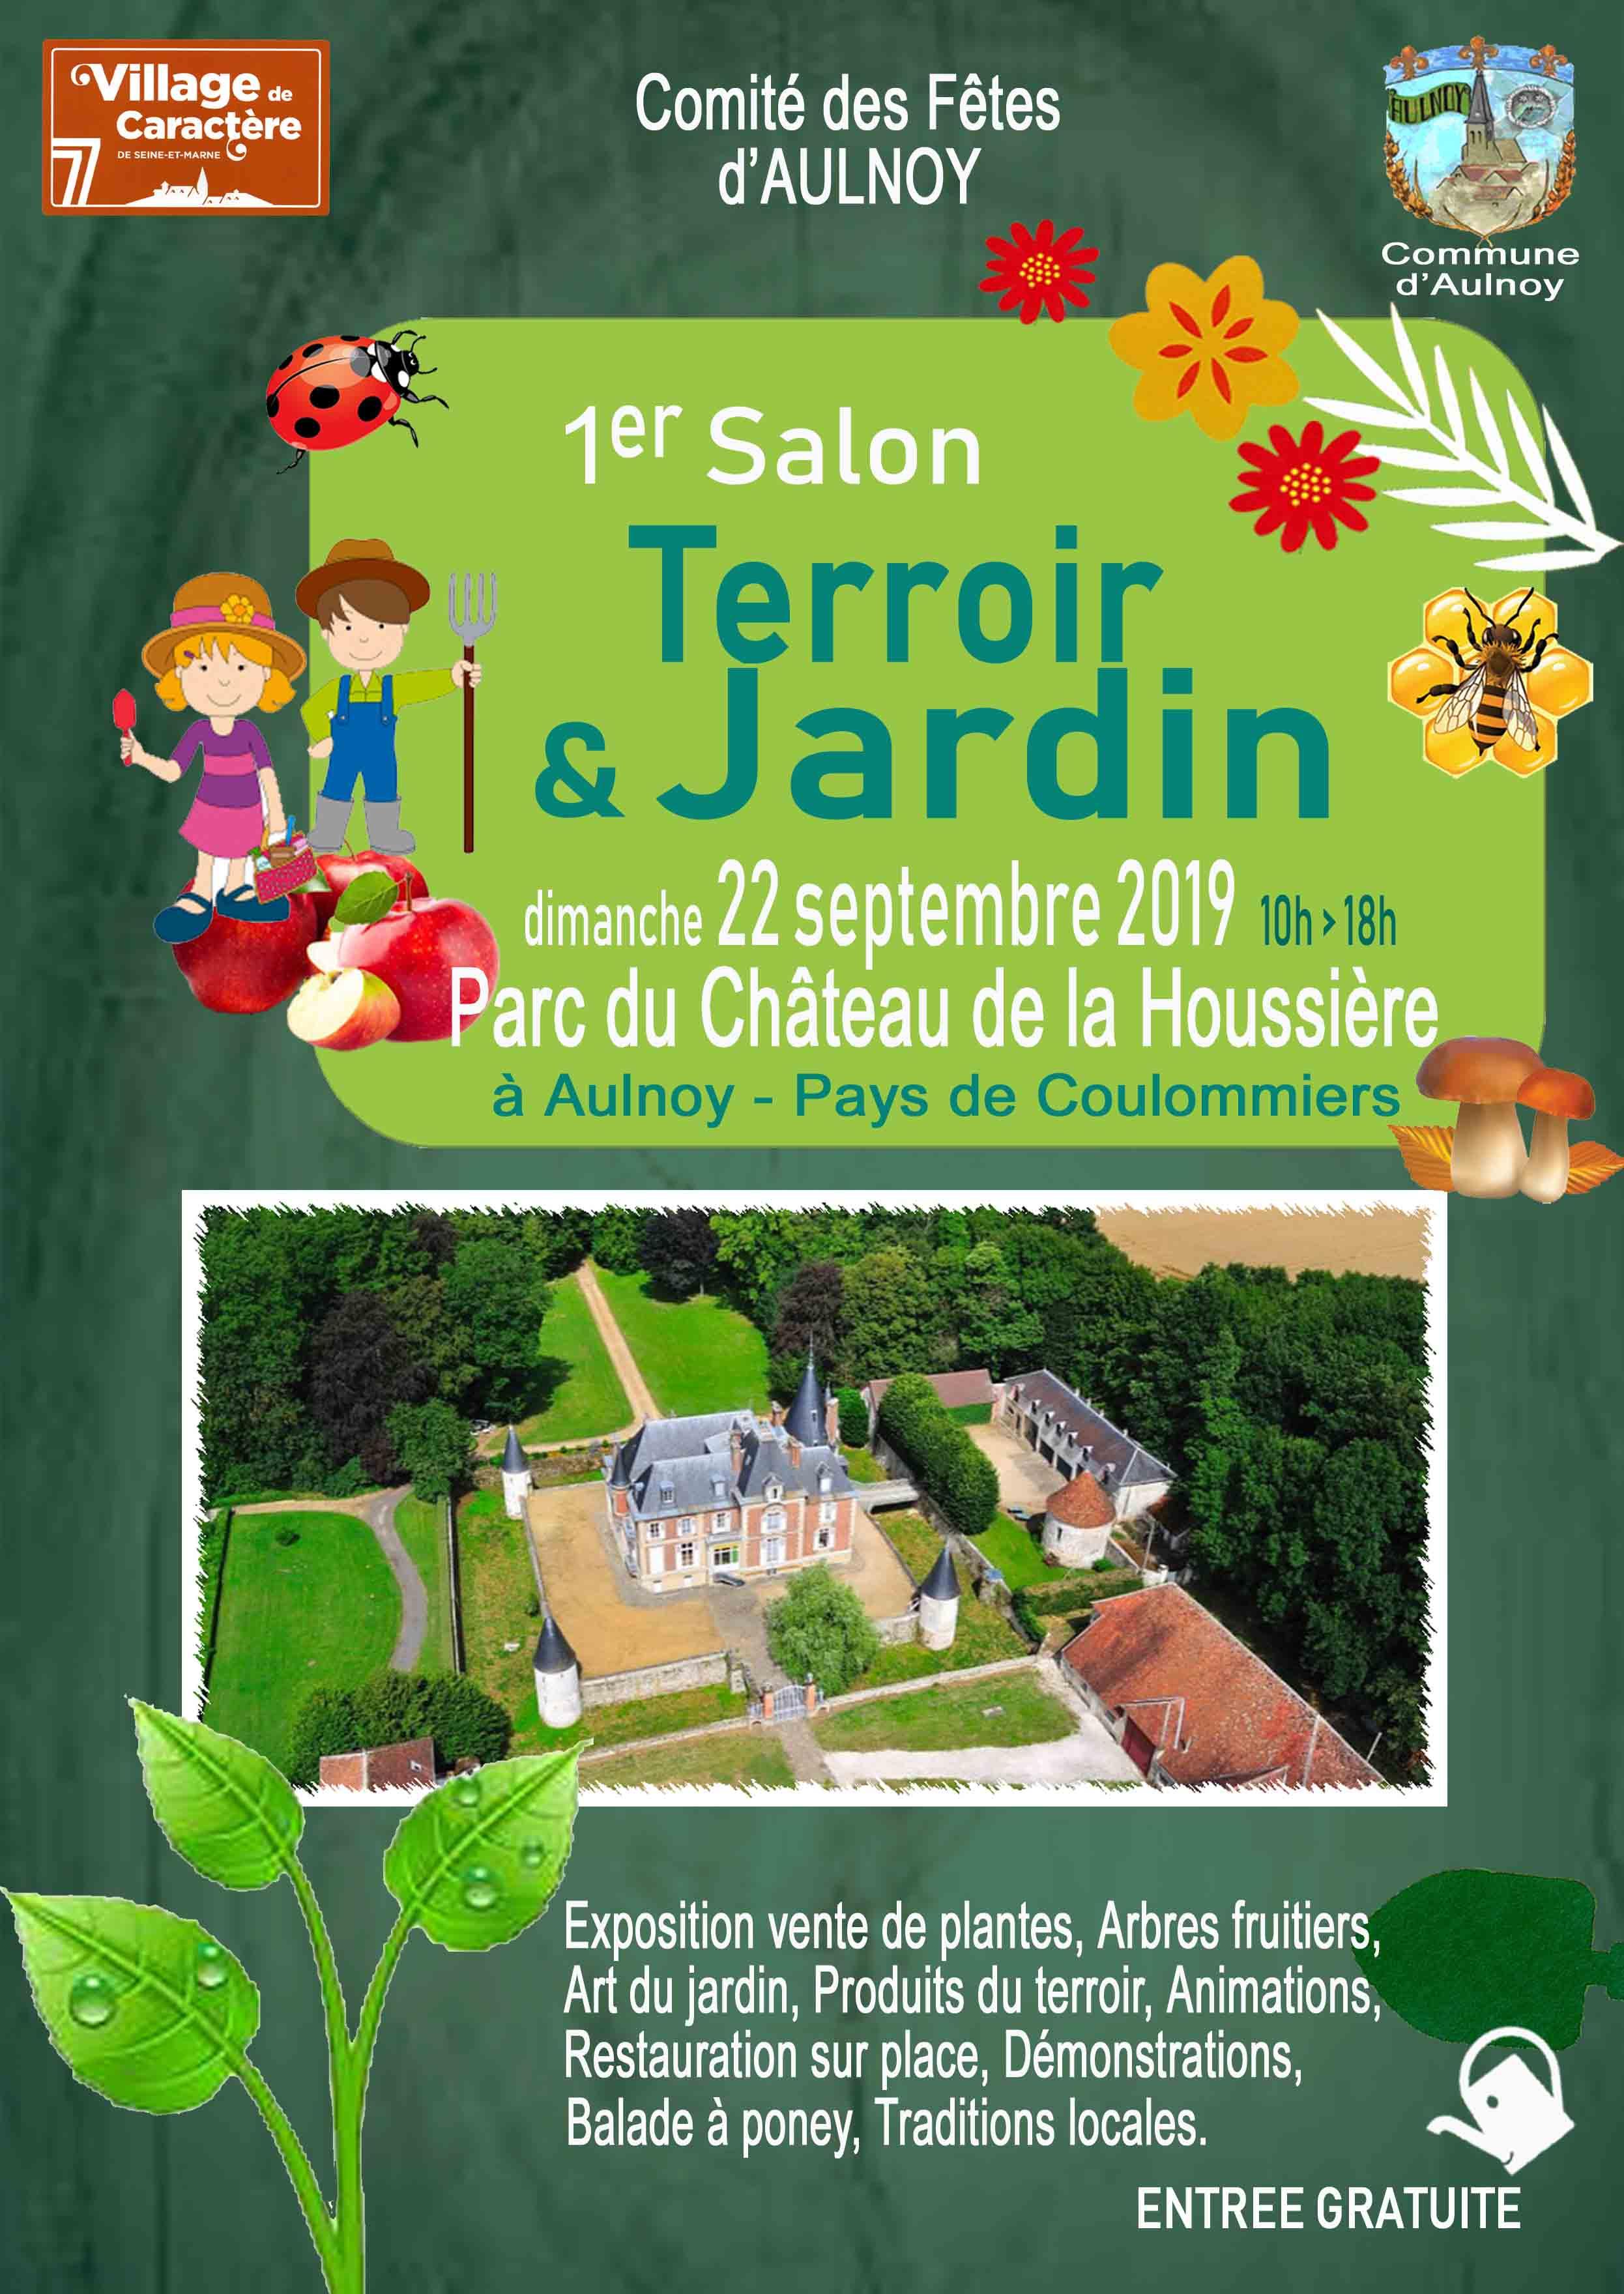 Affiche Salon Terroir et Jardin Aulnoy 2019 format num (2)